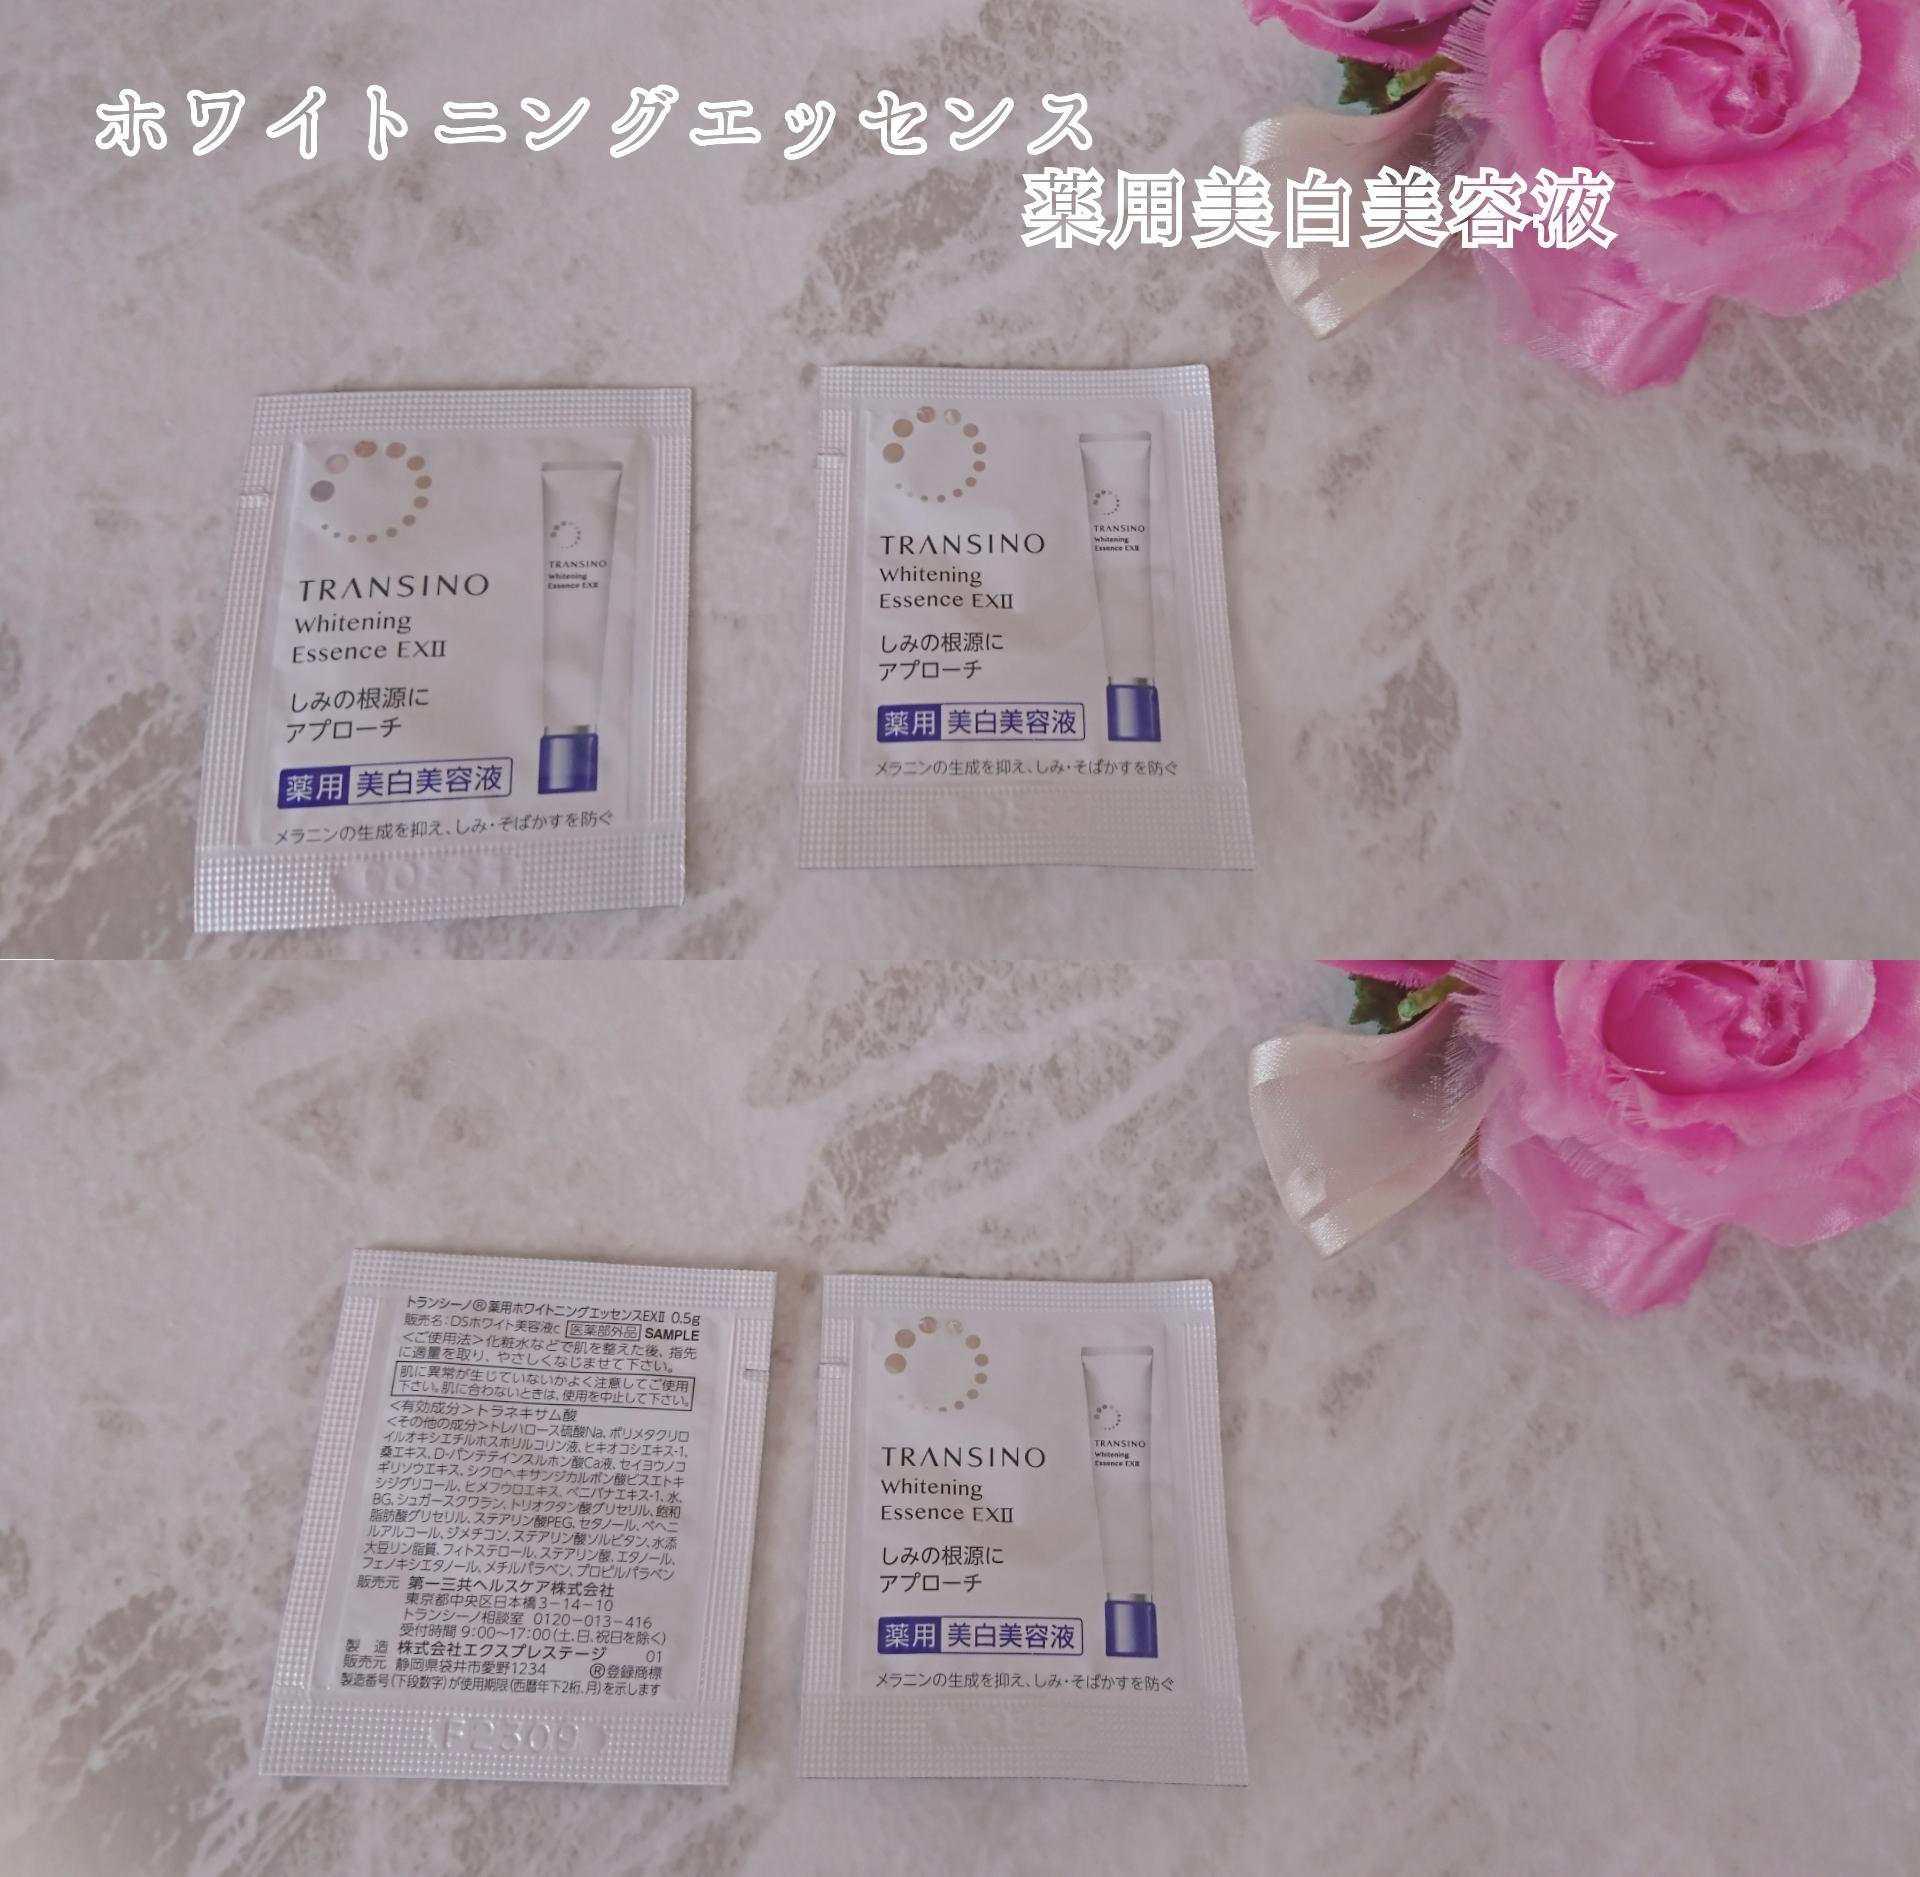 TRANSINO(トランシーノ) 薬用ホワイトニングエッセンスEXを使ったYuKaRi♡さんのクチコミ画像1